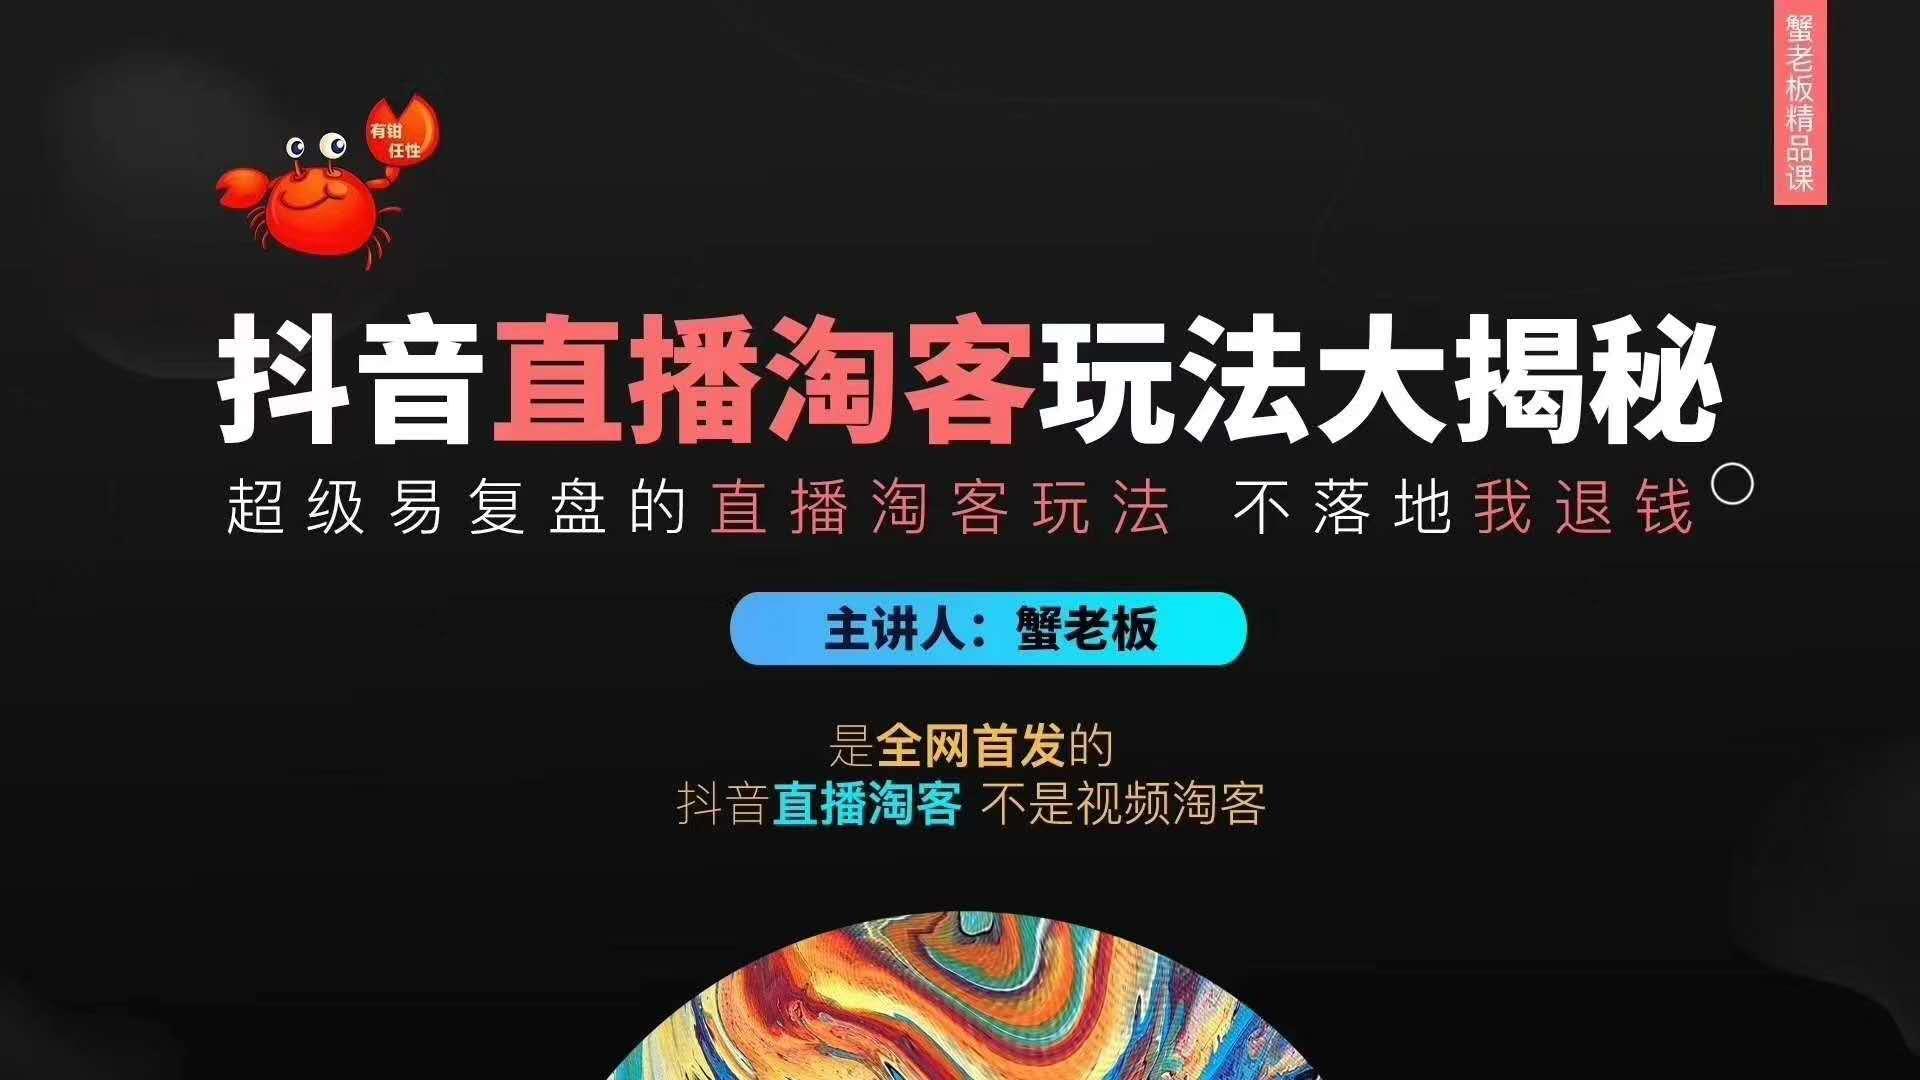 【线报屋】抖音直播淘客玩法大揭秘(连怼连爆,高权重起号)价值1288元插图